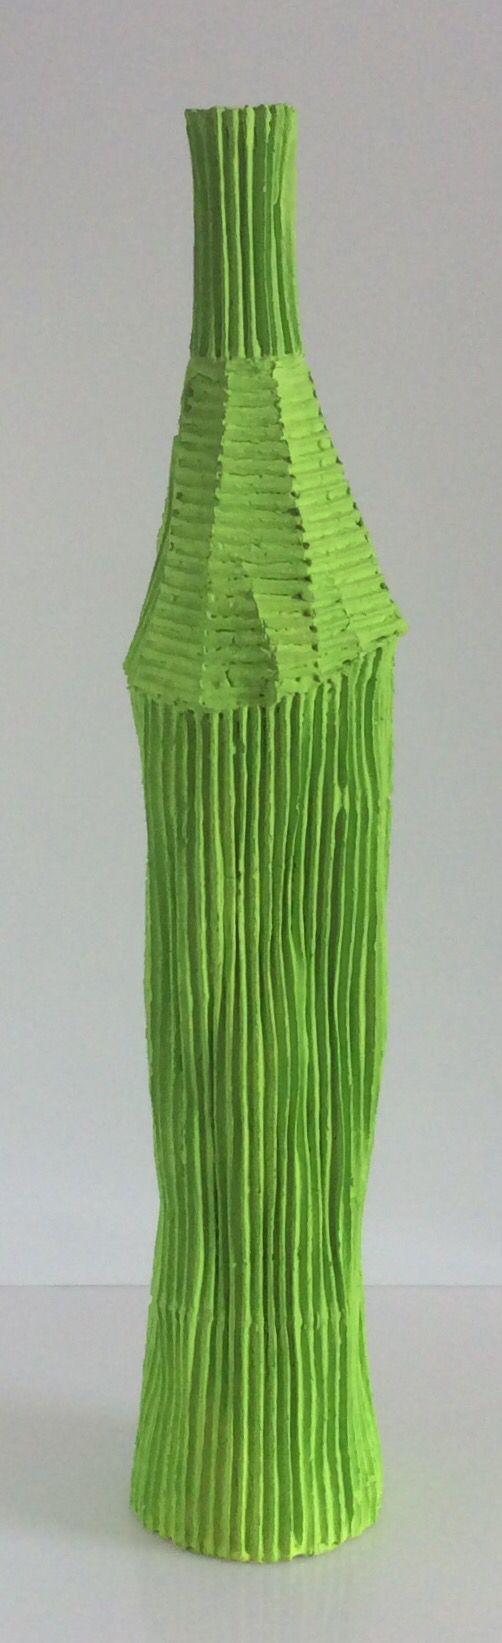 Bottiglia cartocci Paola Paronetto colore verde. H.cm.65xdiametro13.